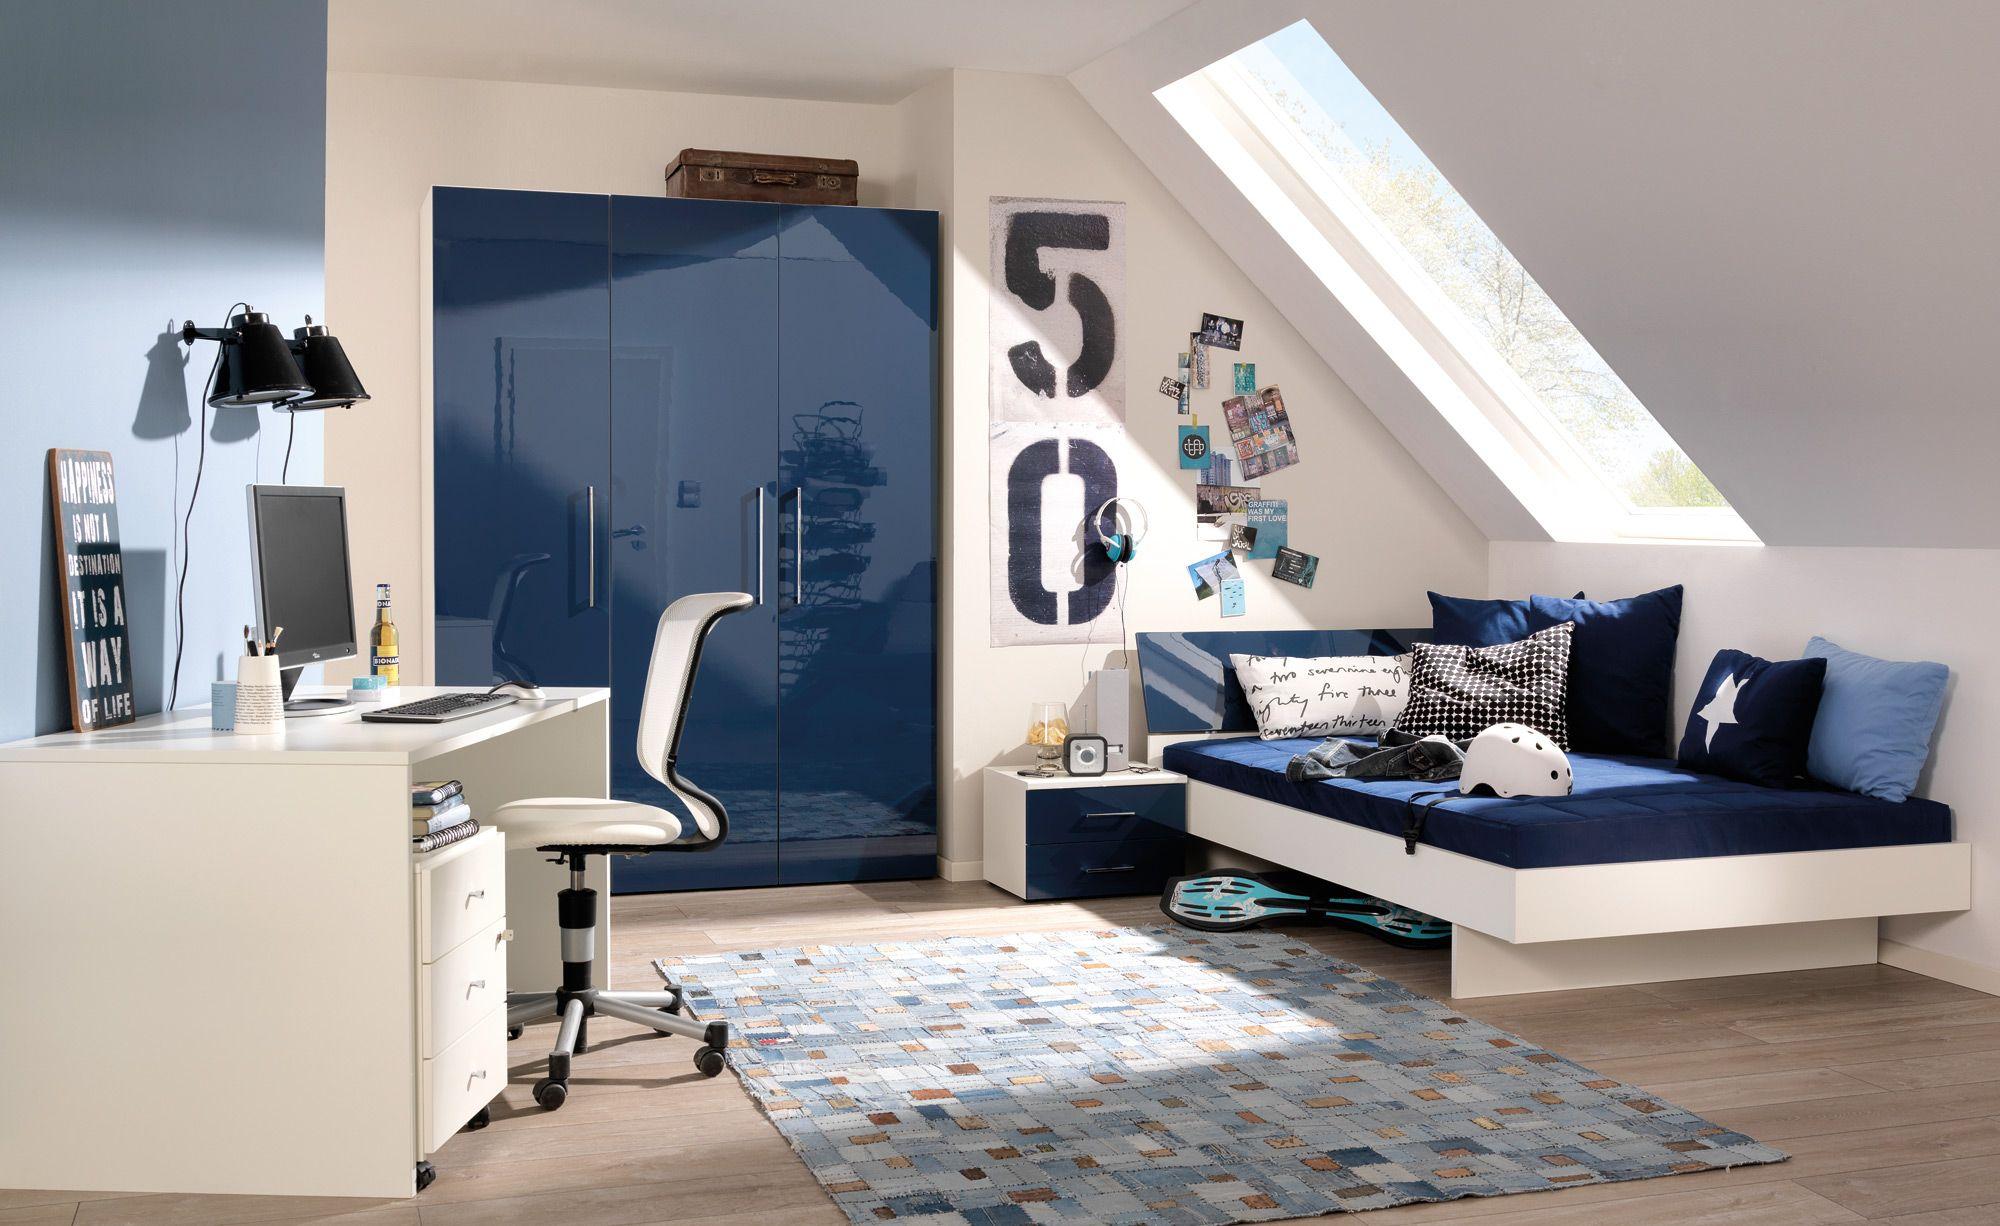 jugendzimmer in dunkelblau und creme gestalten jugendzimmer in 2019 pinterest kinder. Black Bedroom Furniture Sets. Home Design Ideas